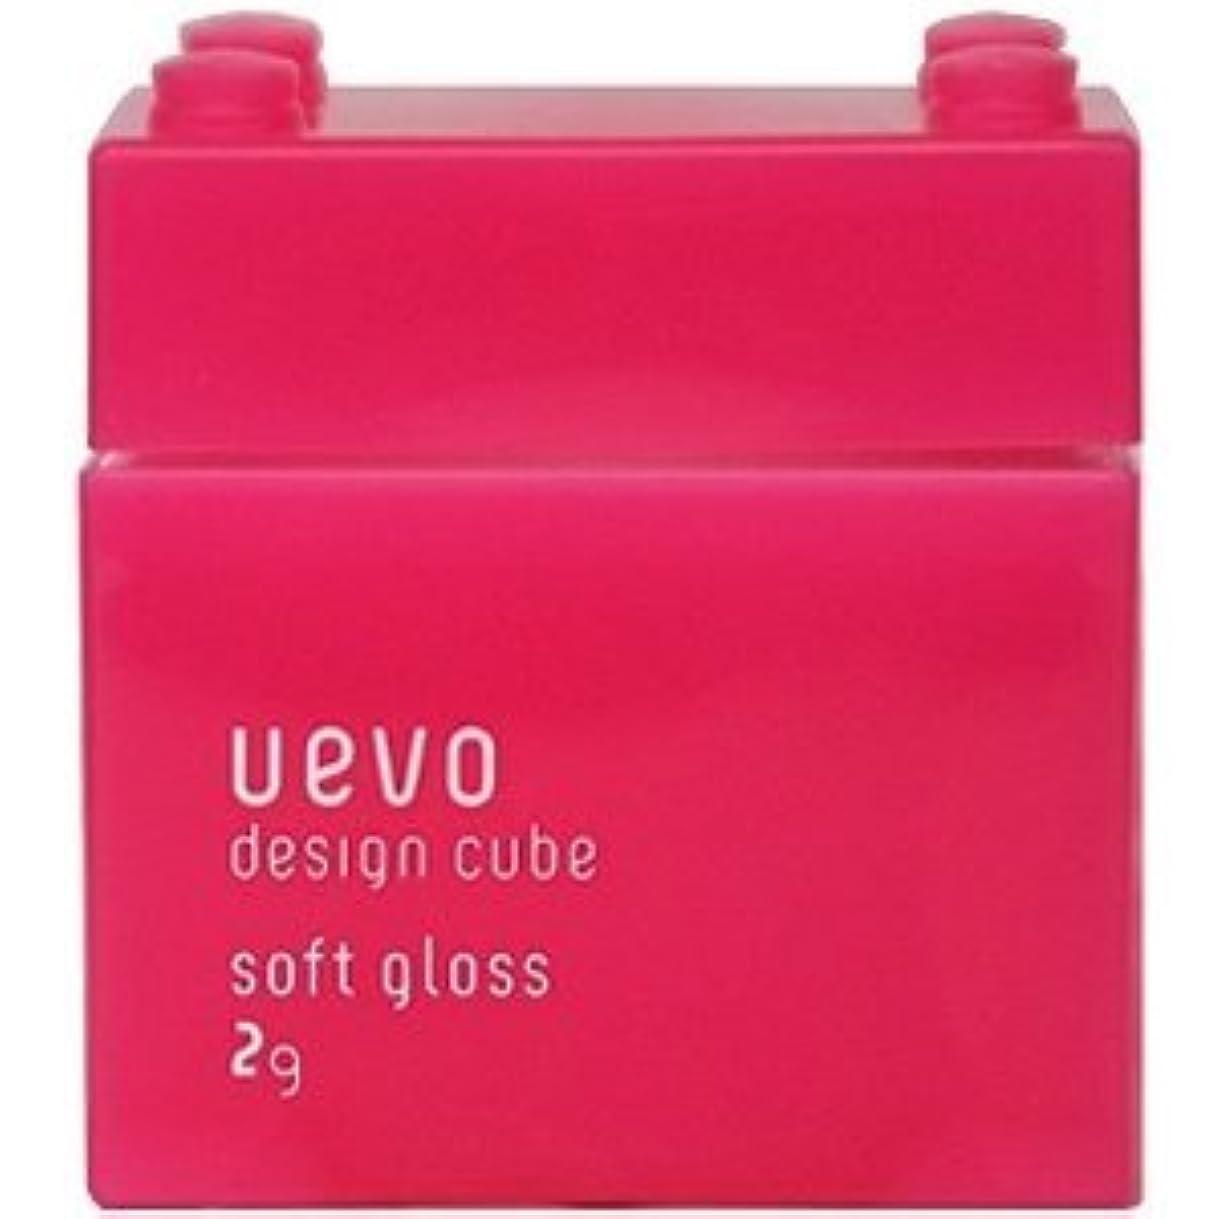 音声学達成可能インタラクション【X2個セット】 デミ ウェーボ デザインキューブ ソフトグロス 80g soft gloss DEMI uevo design cube